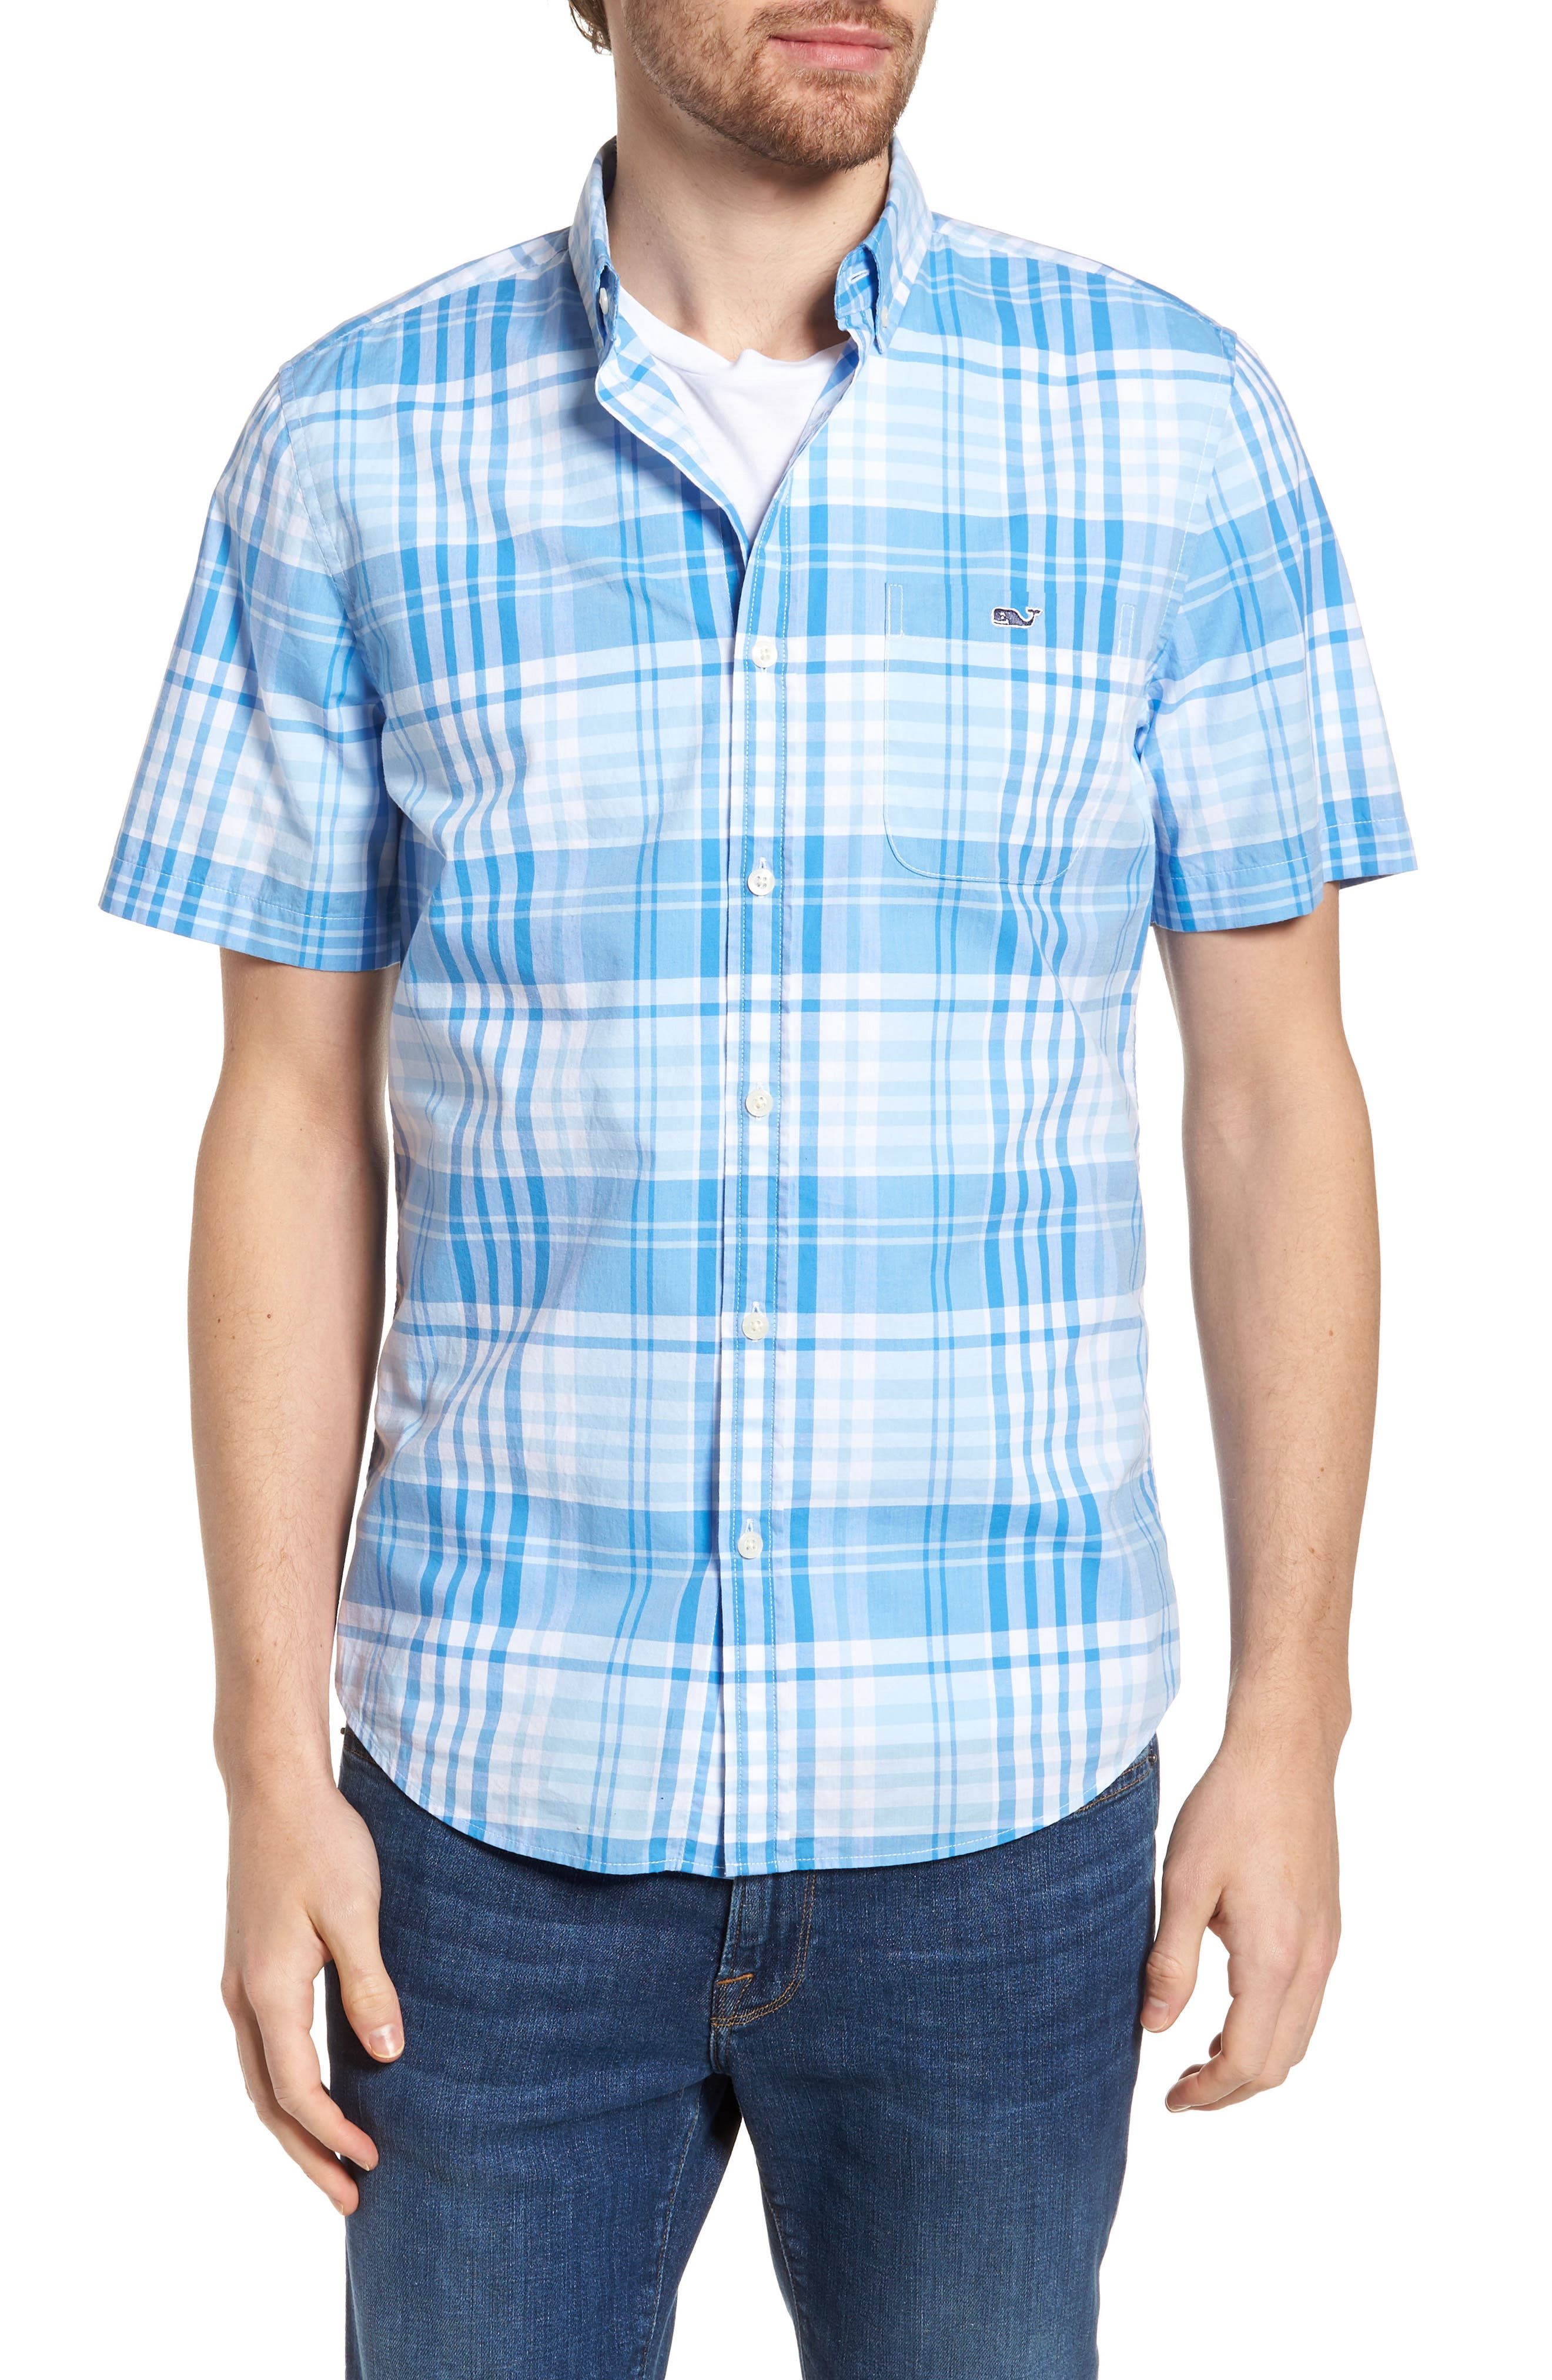 Main Image - vineyard vines Crawfish Plaid Slim Fit Sport Shirt